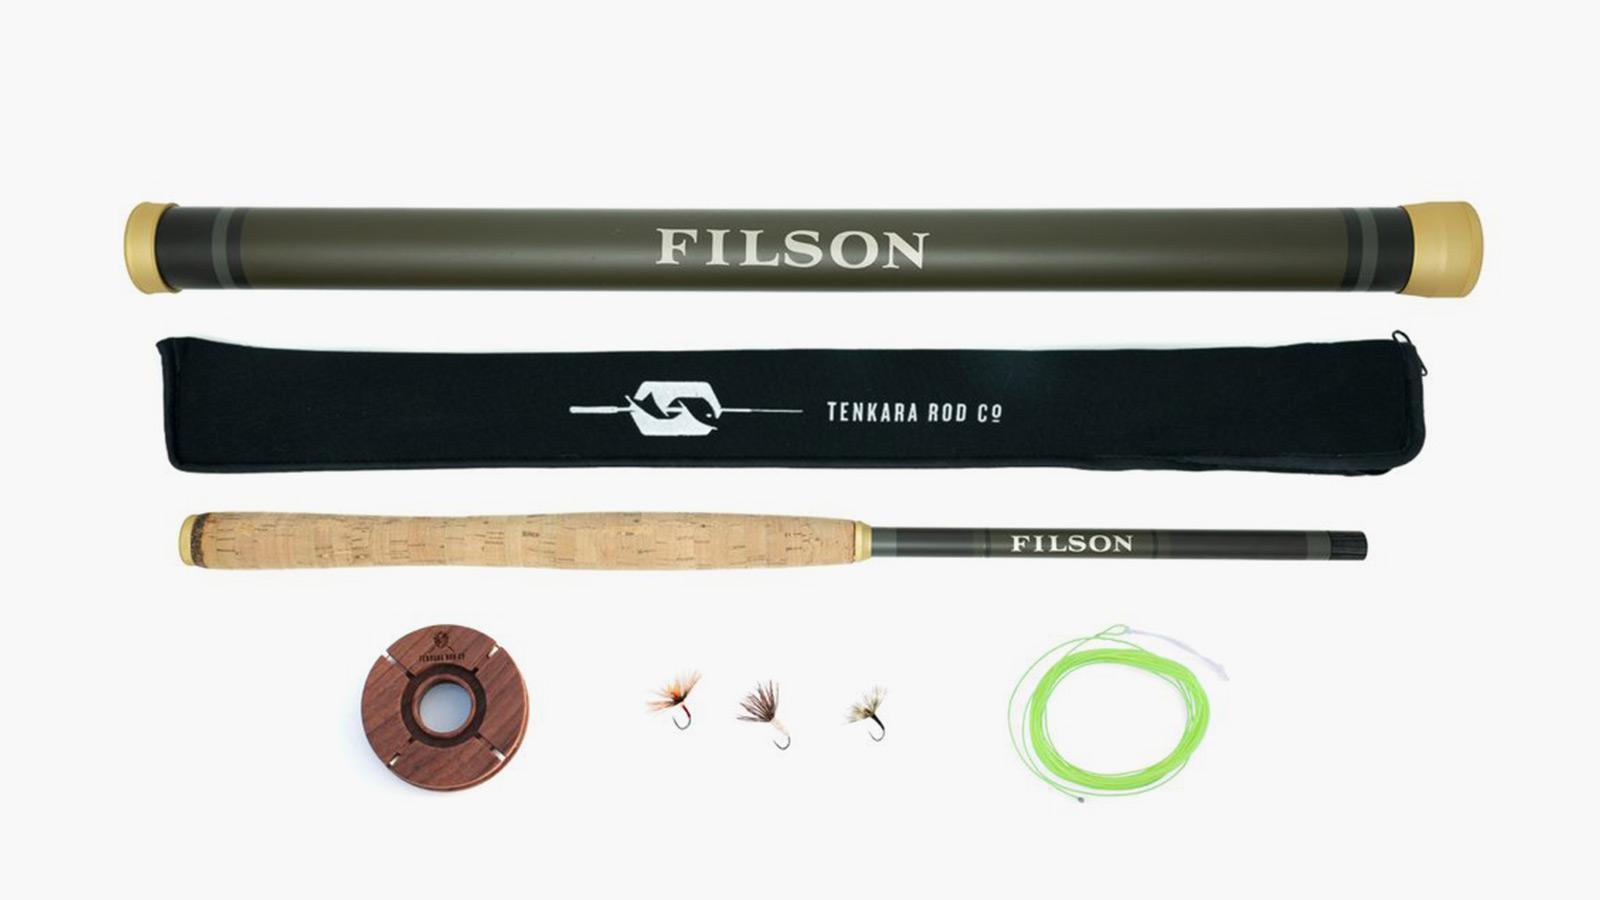 [2] Filson x Tenkara Rod Co. Fishing Rod Package